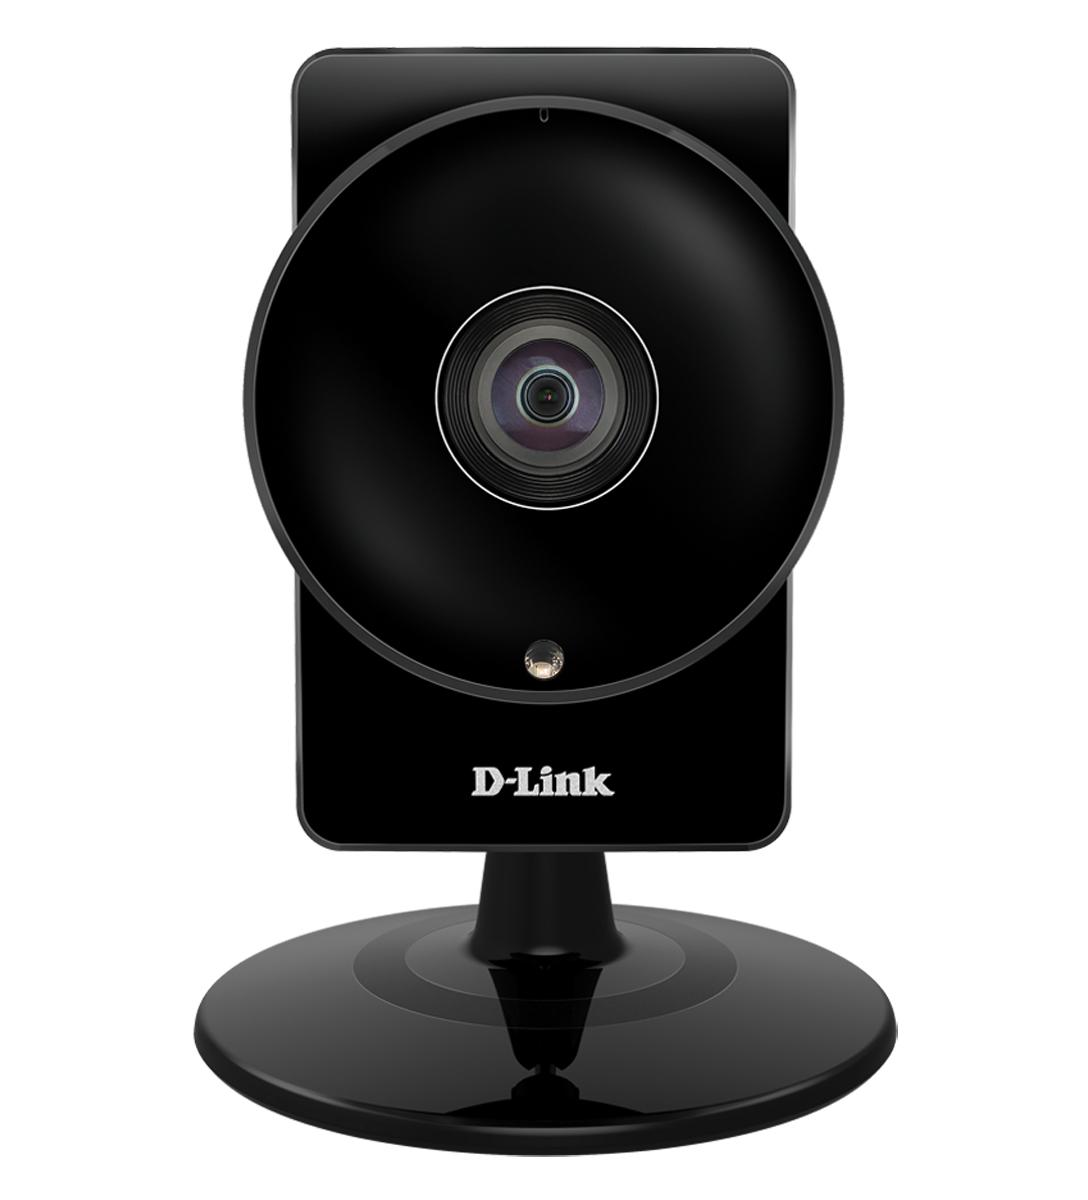 D-Link DCS-960L cámara de vigilancia Cámara de seguridad IP Interior Cubo Escritorio 1280 x 720 Pixeles